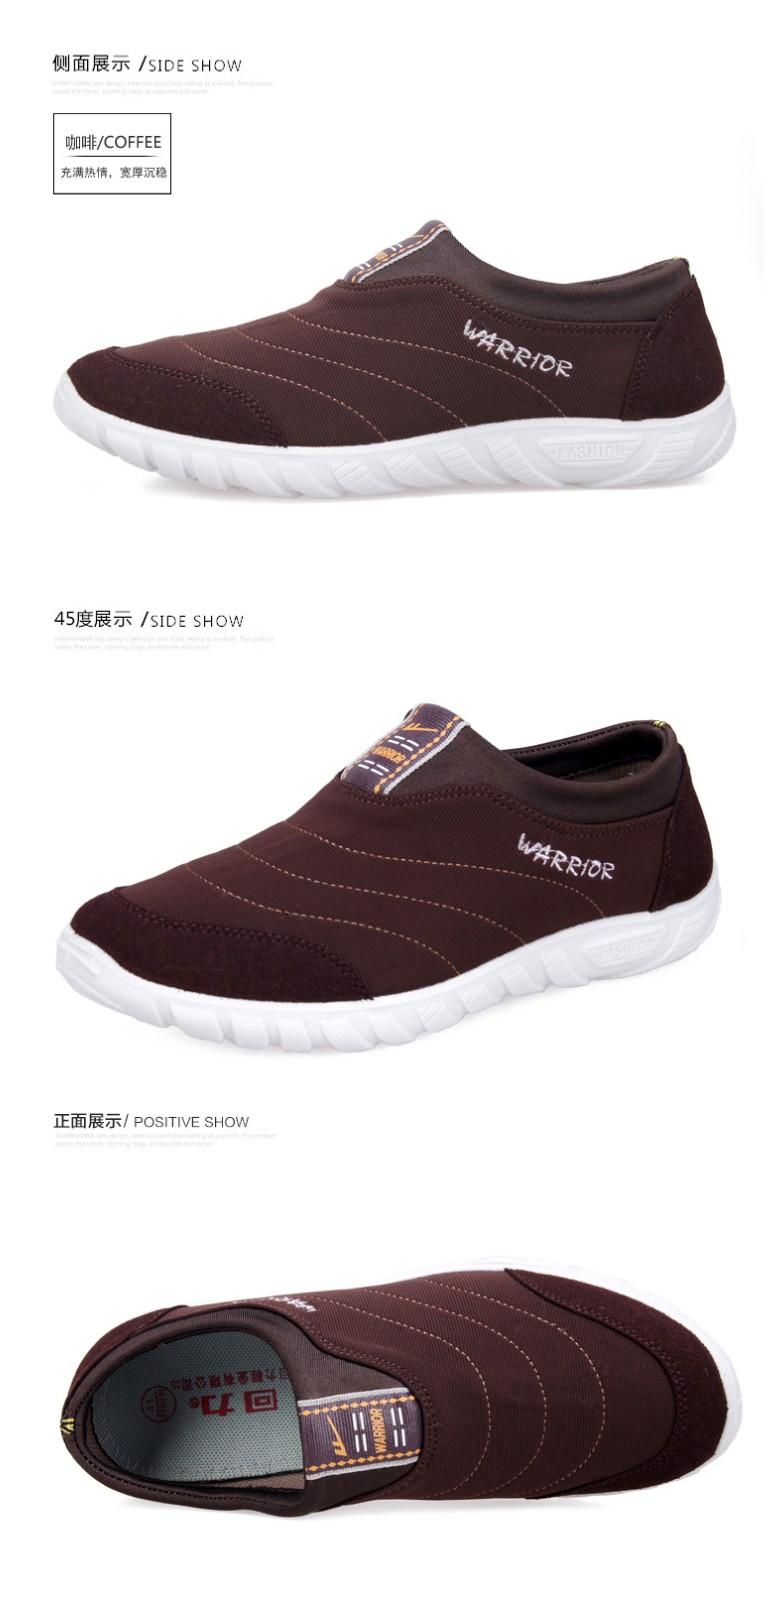 回力男鞋帆布鞋子一脚蹬懒人鞋男士潮流韩版布鞋透气鞋图片二十三